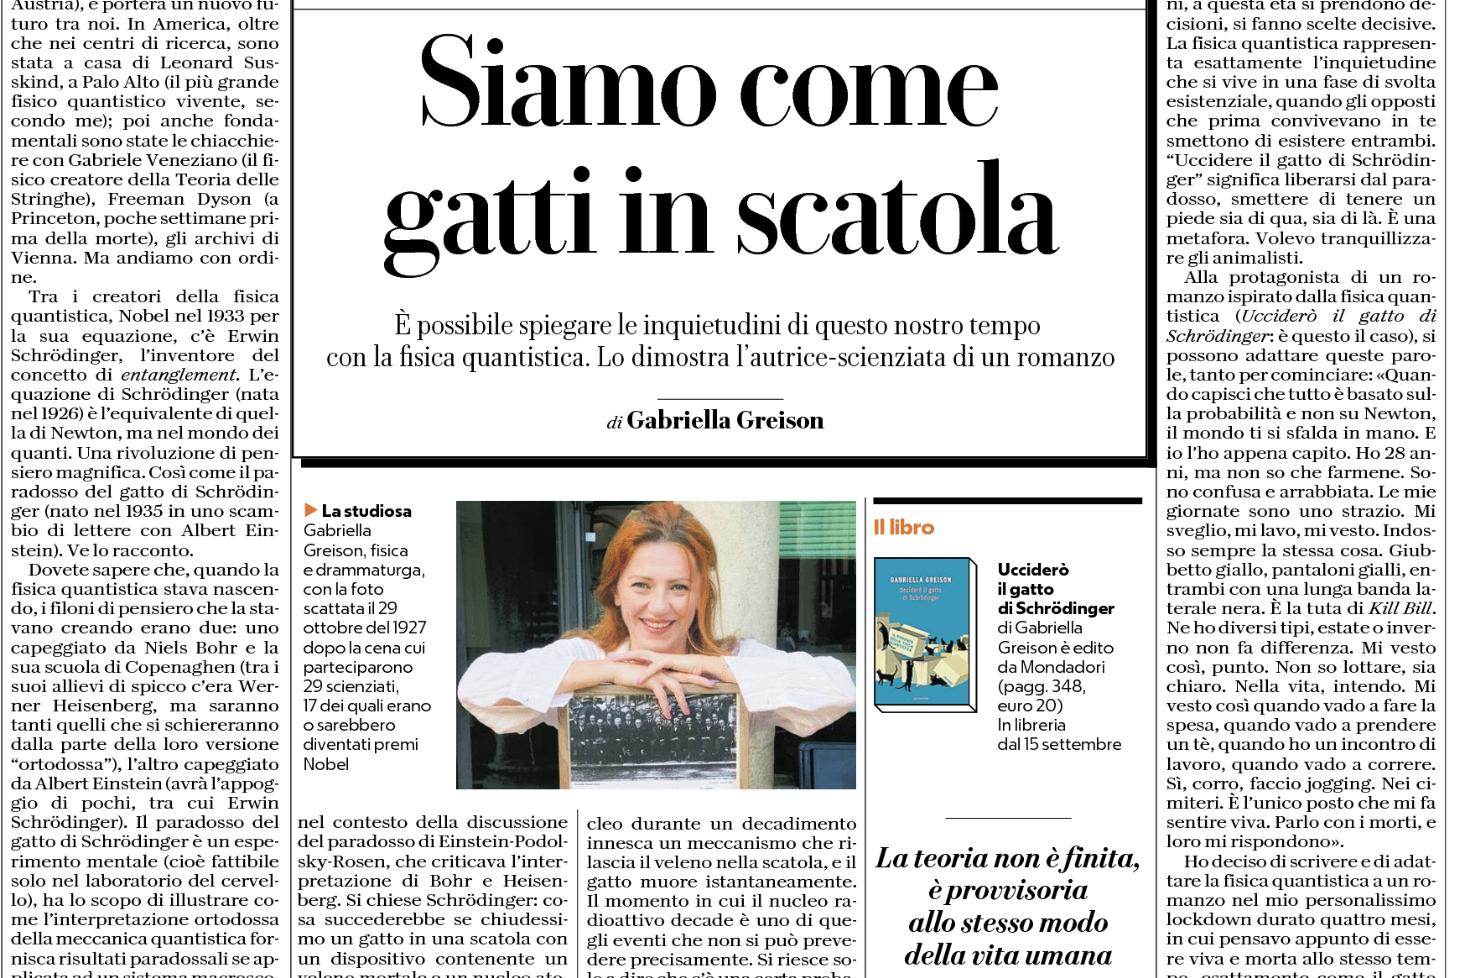 Oggi anteprima del mio nuovo romanzo, prima pagina della Cultura di Repubblica!